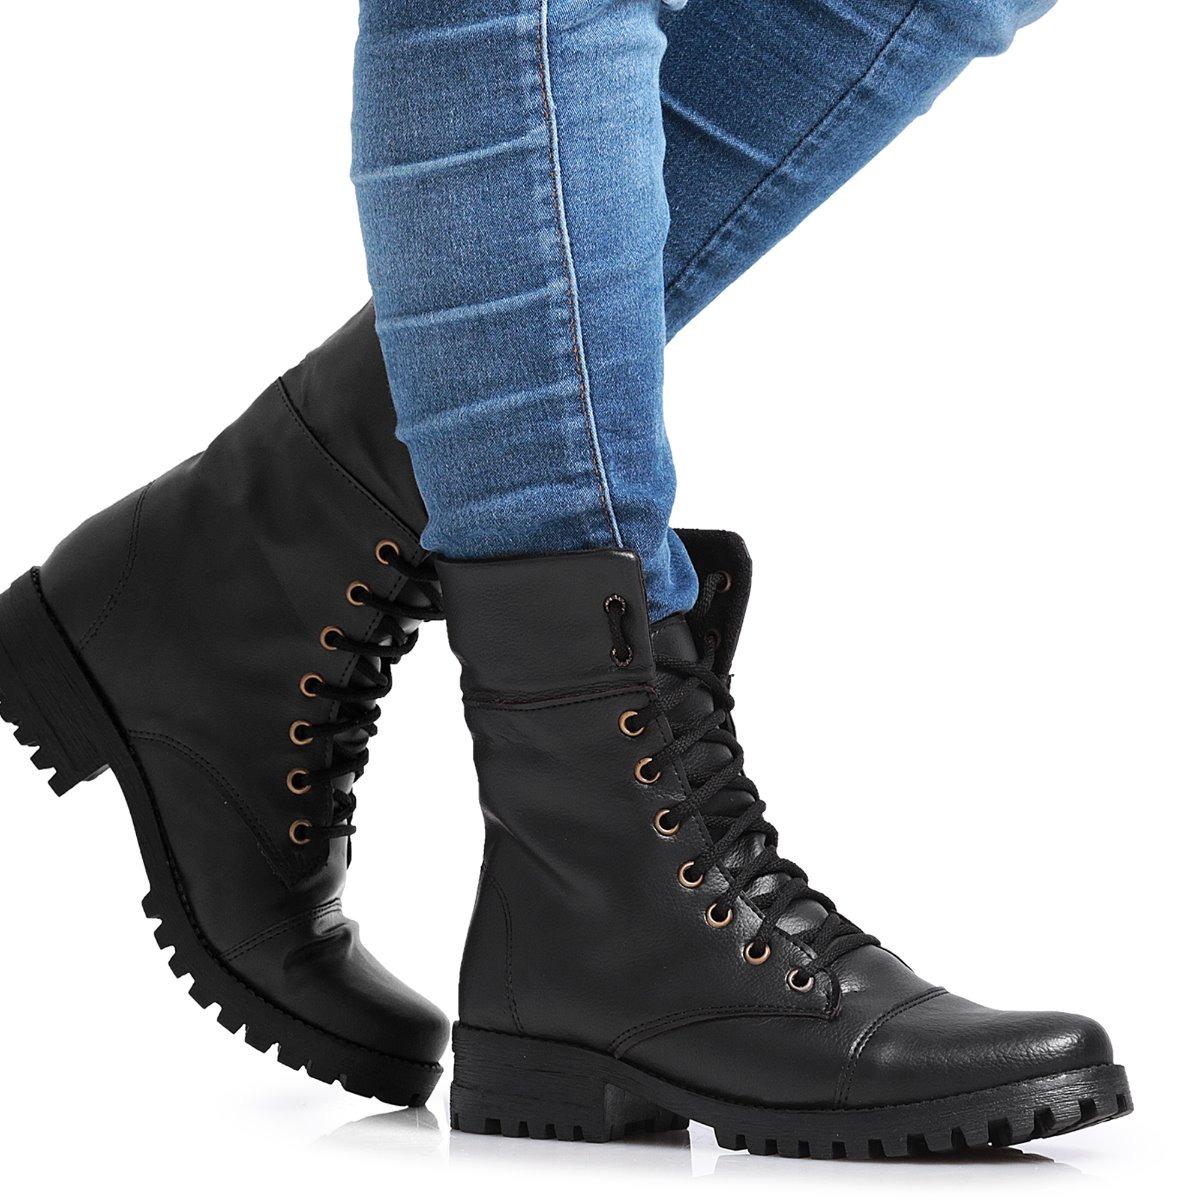 7910c6a54 bota coturno feminino vira cano alto estilo militar promoção. Carregando  zoom.